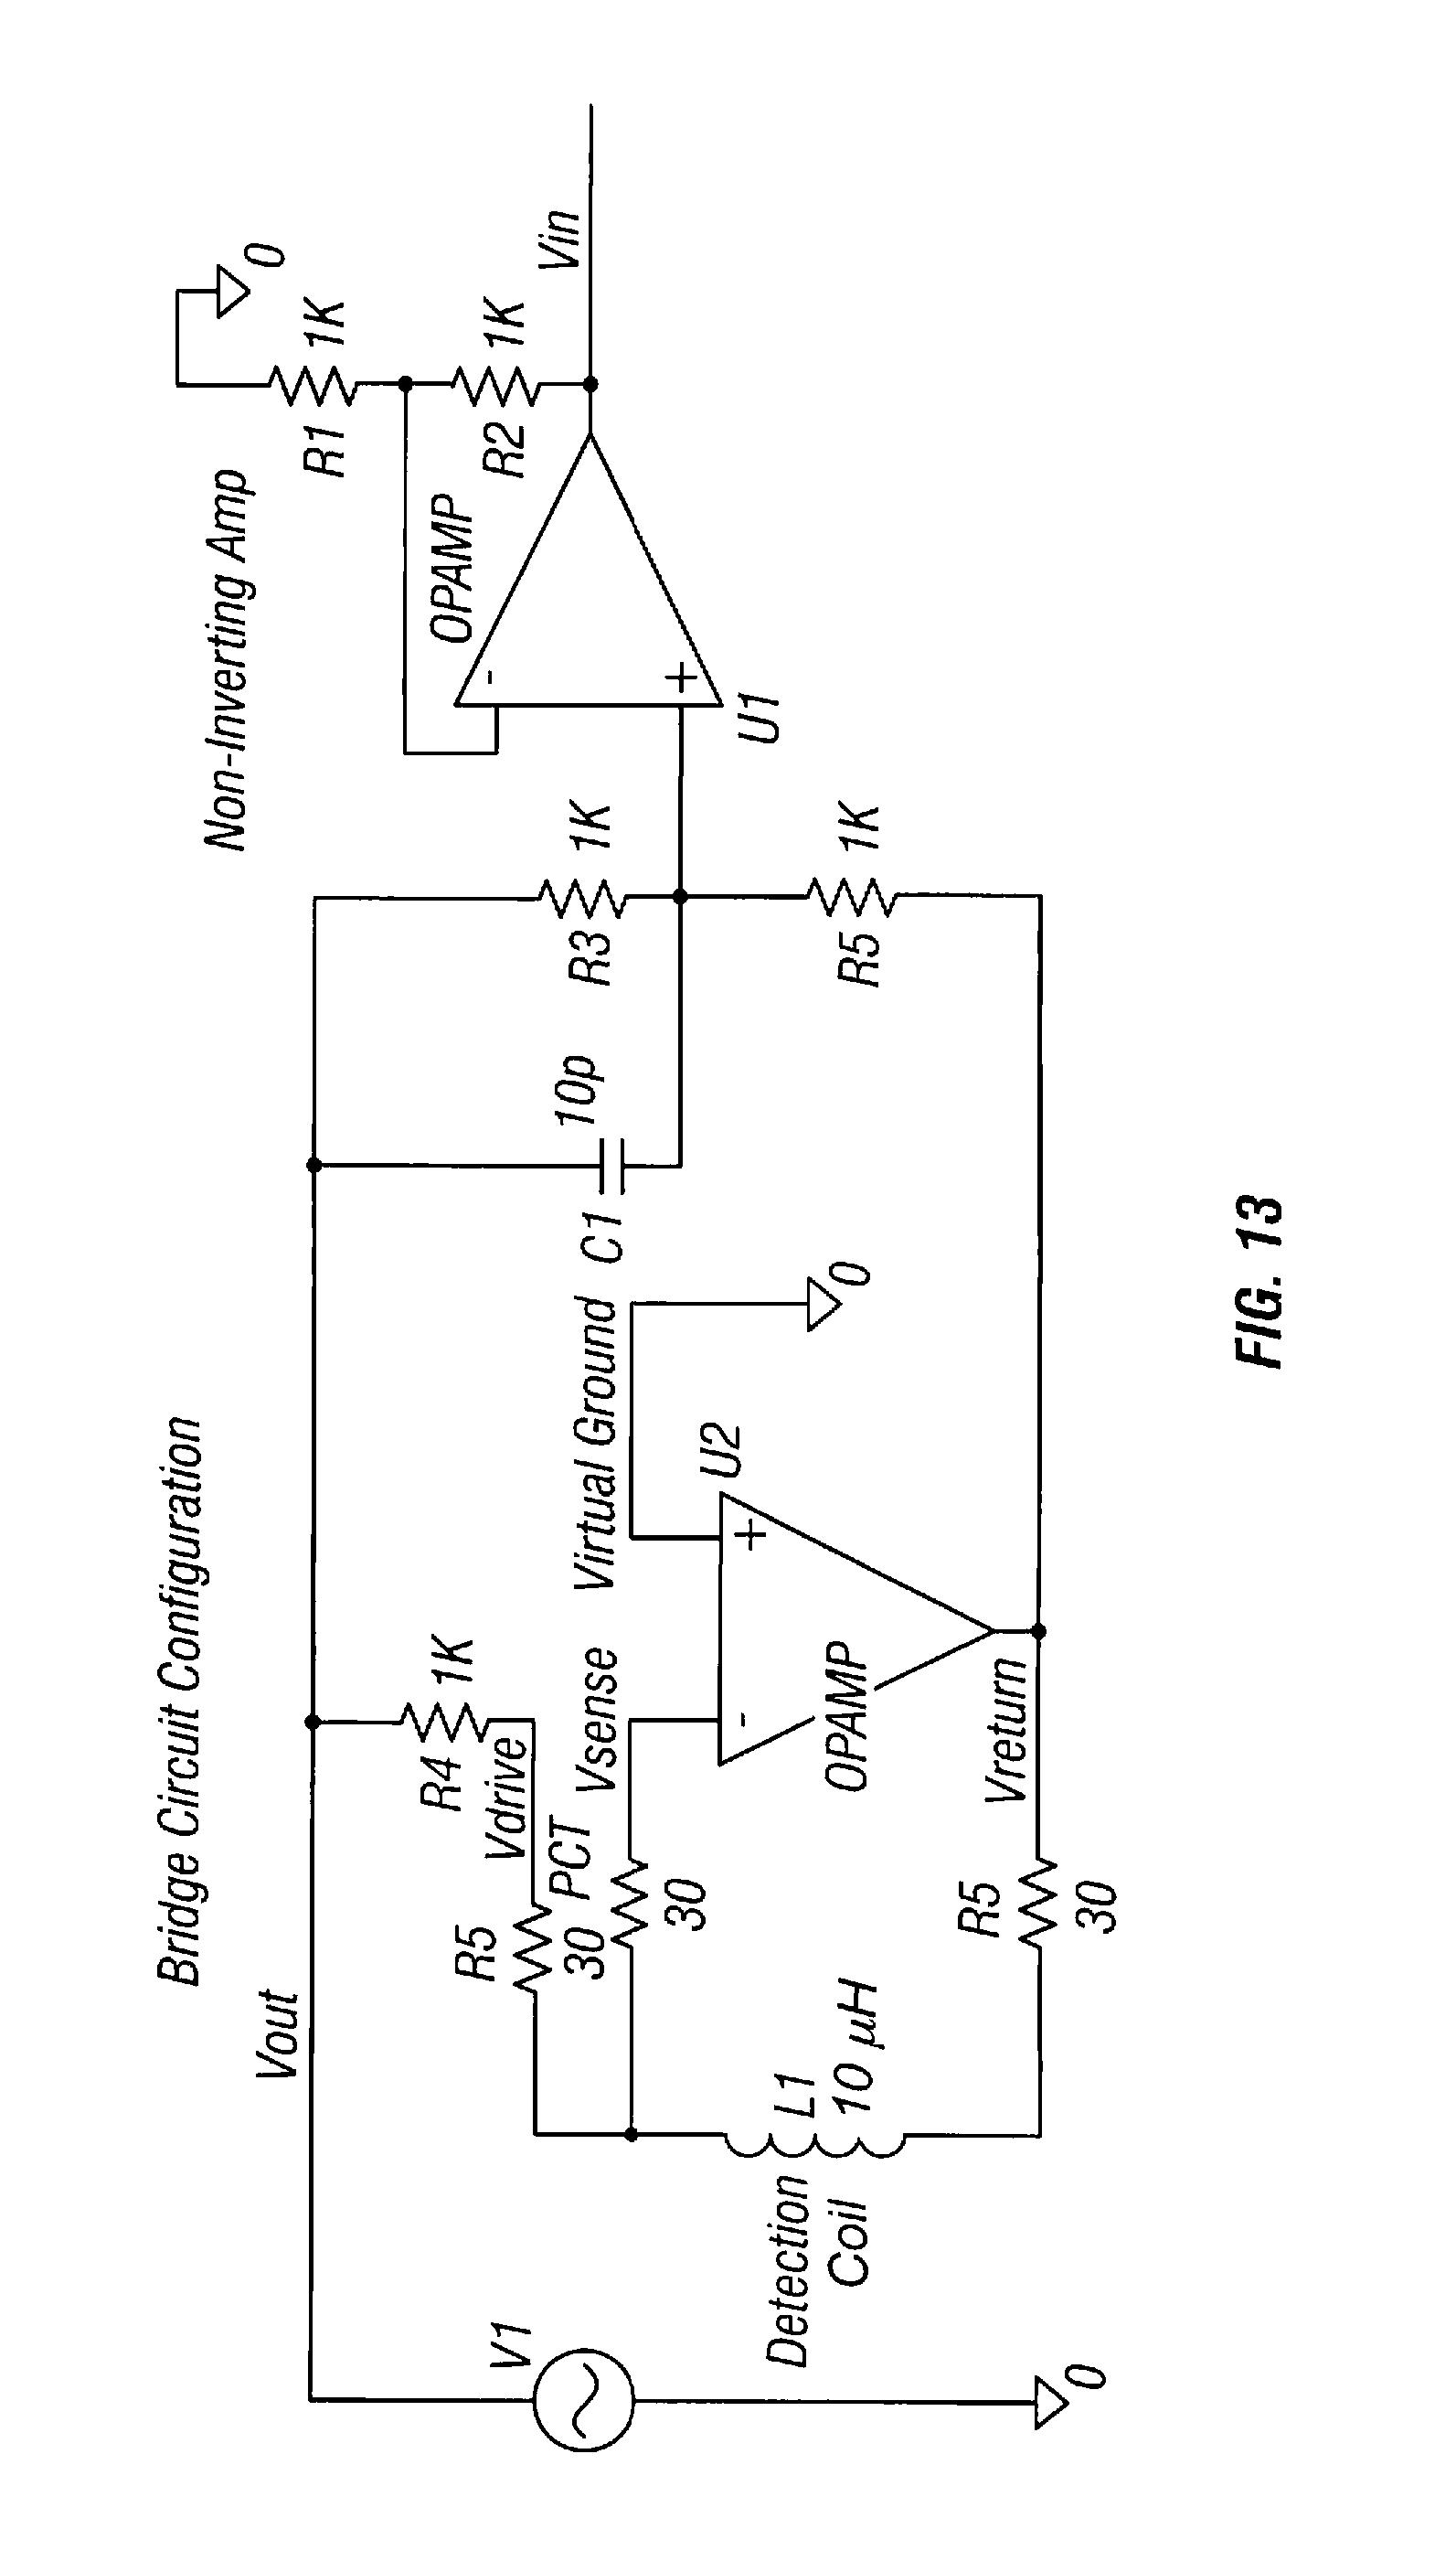 patent us8013600